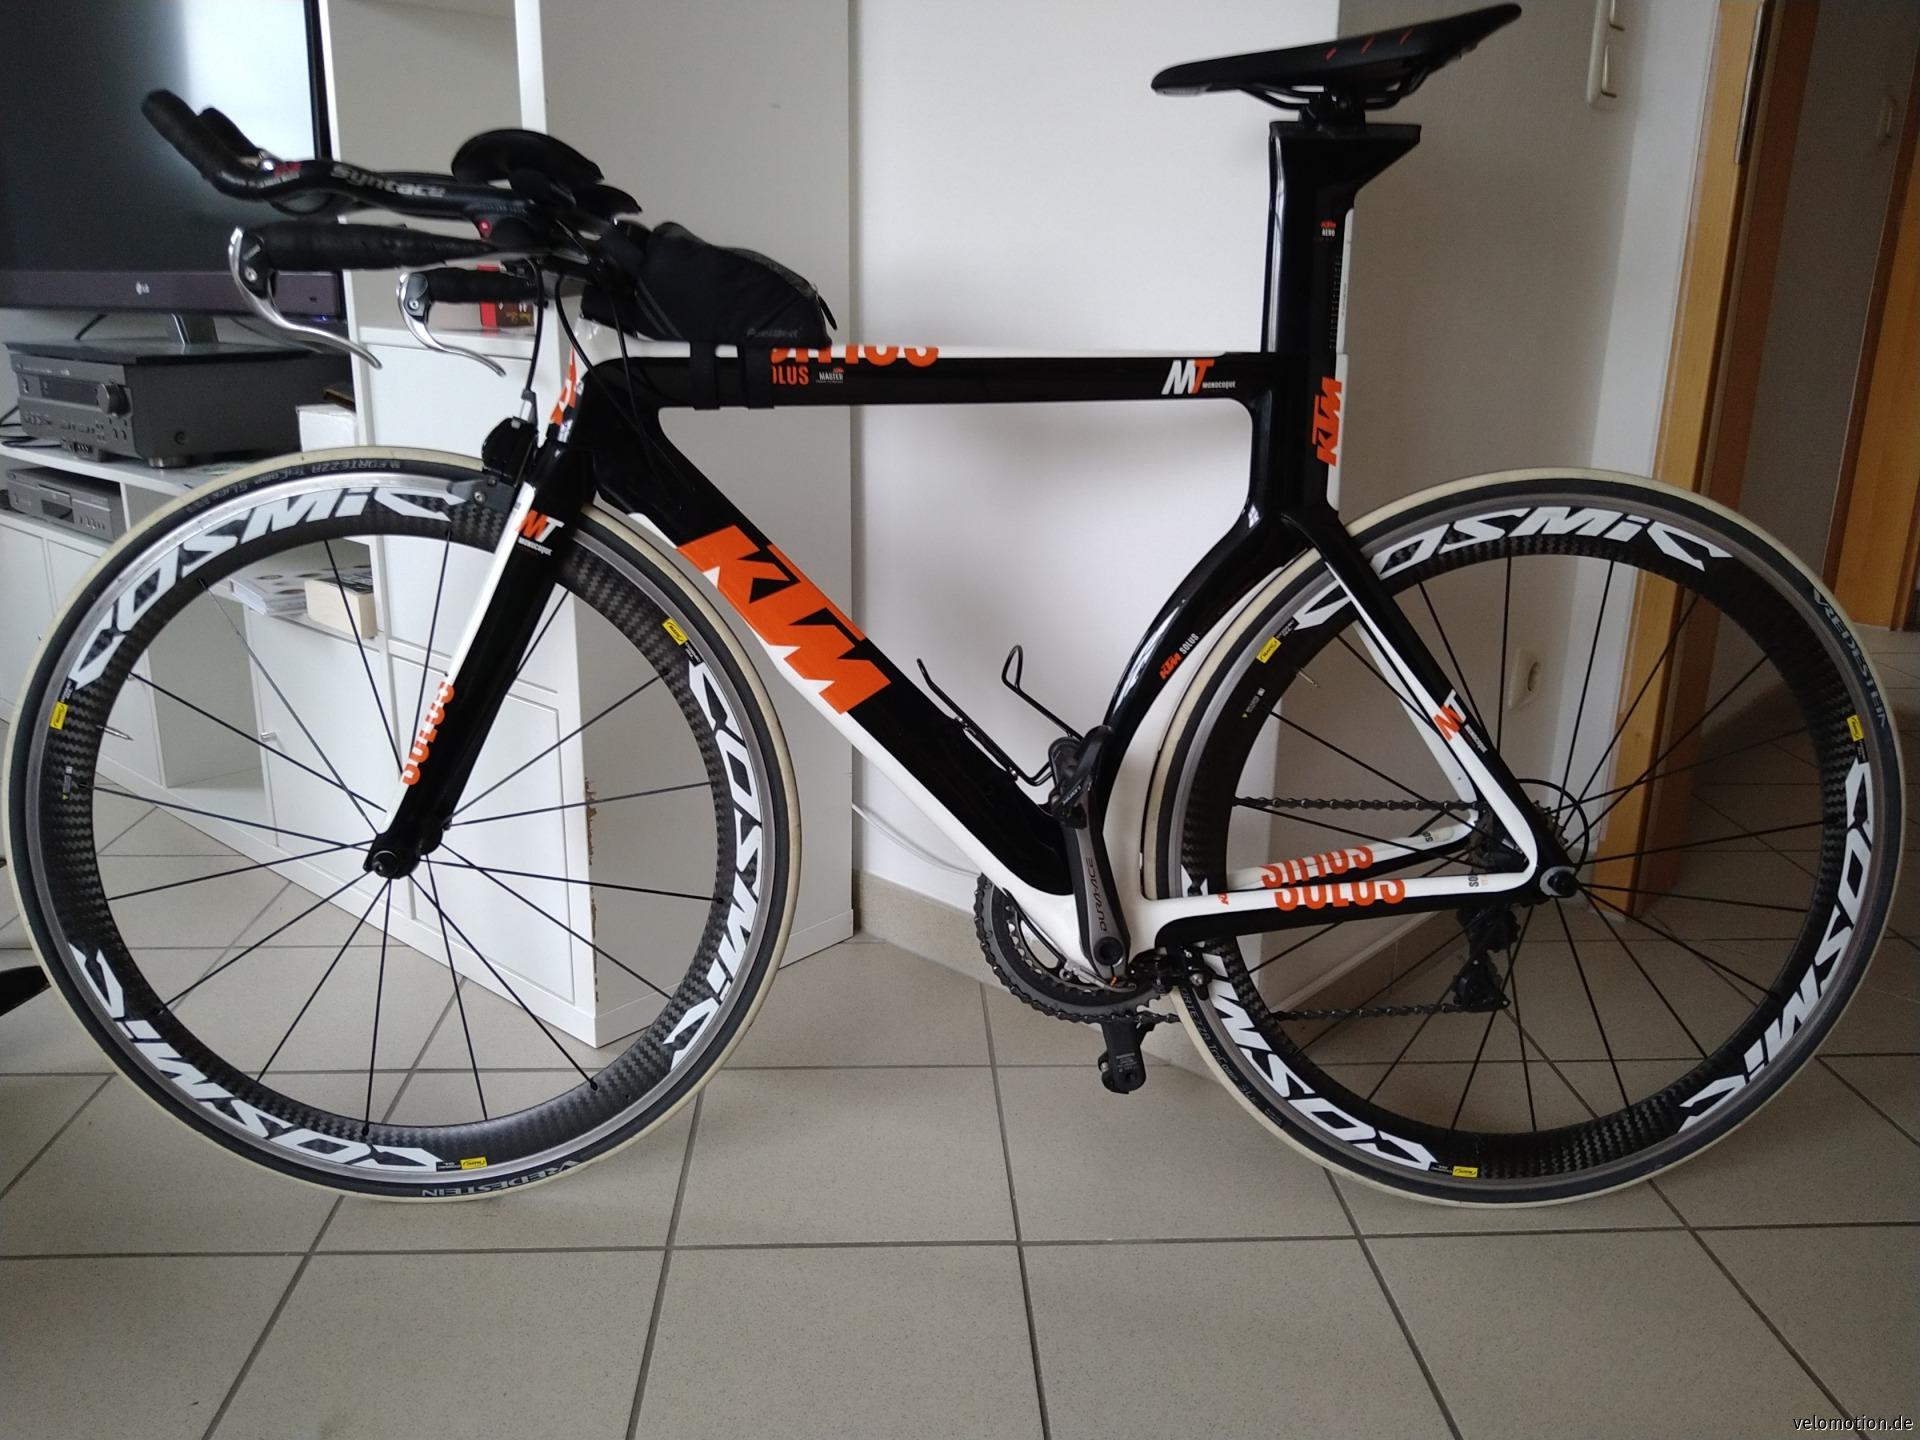 KTM Triathlonrad zu verkaufen #1